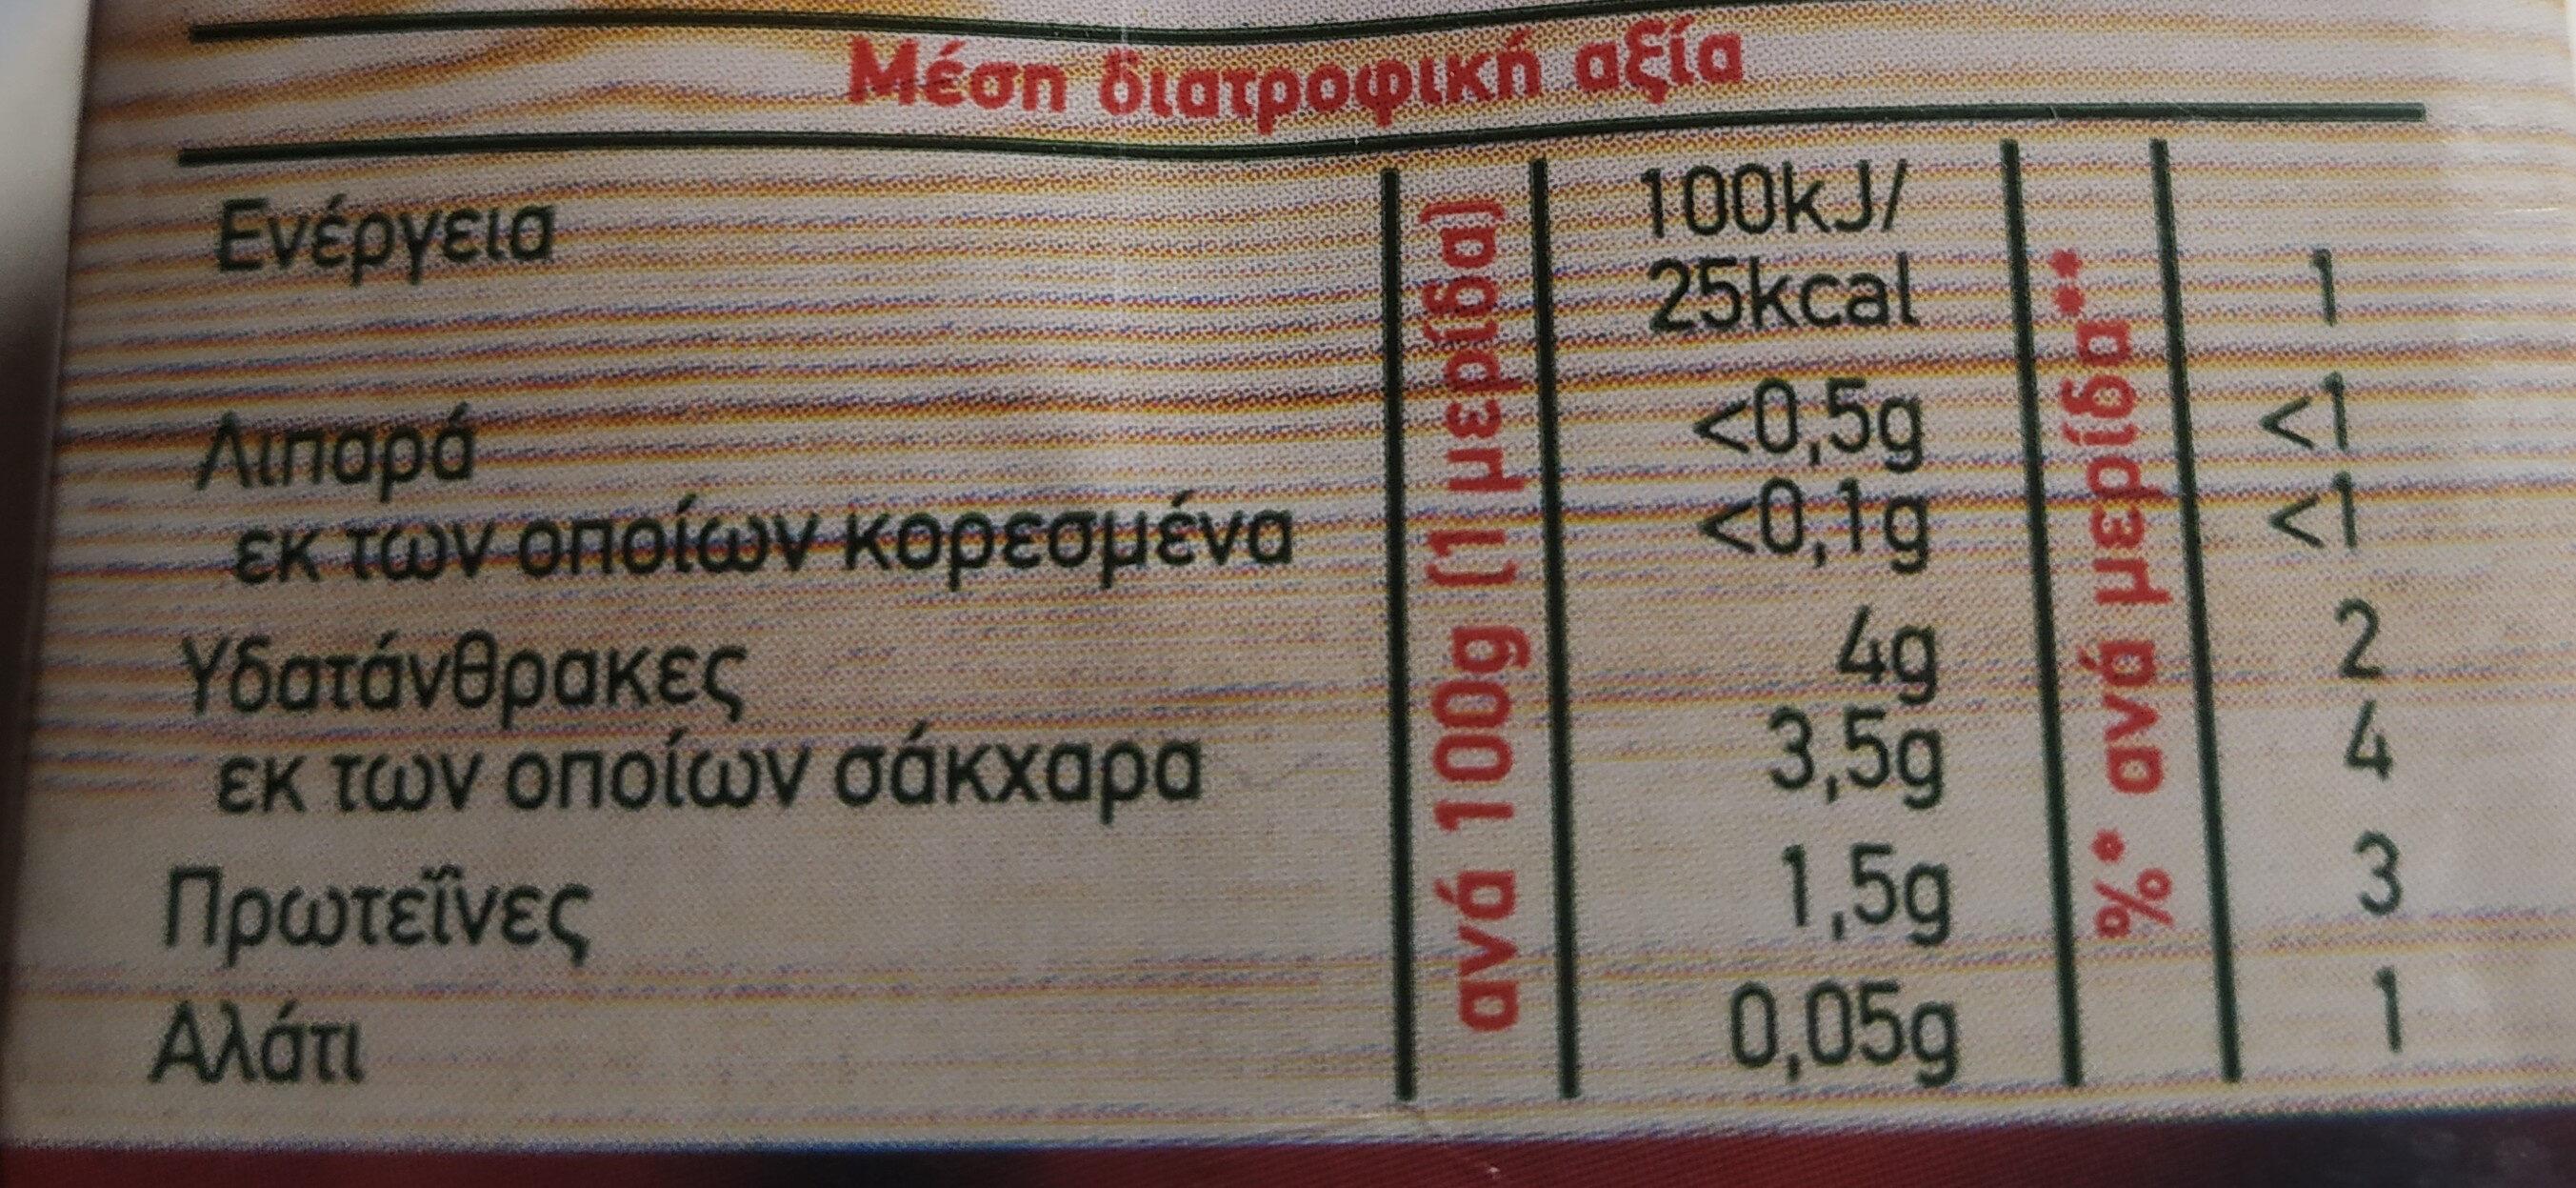 PELARGOS Tomato Juice 500g - Διατροφικά στοιχεία - el